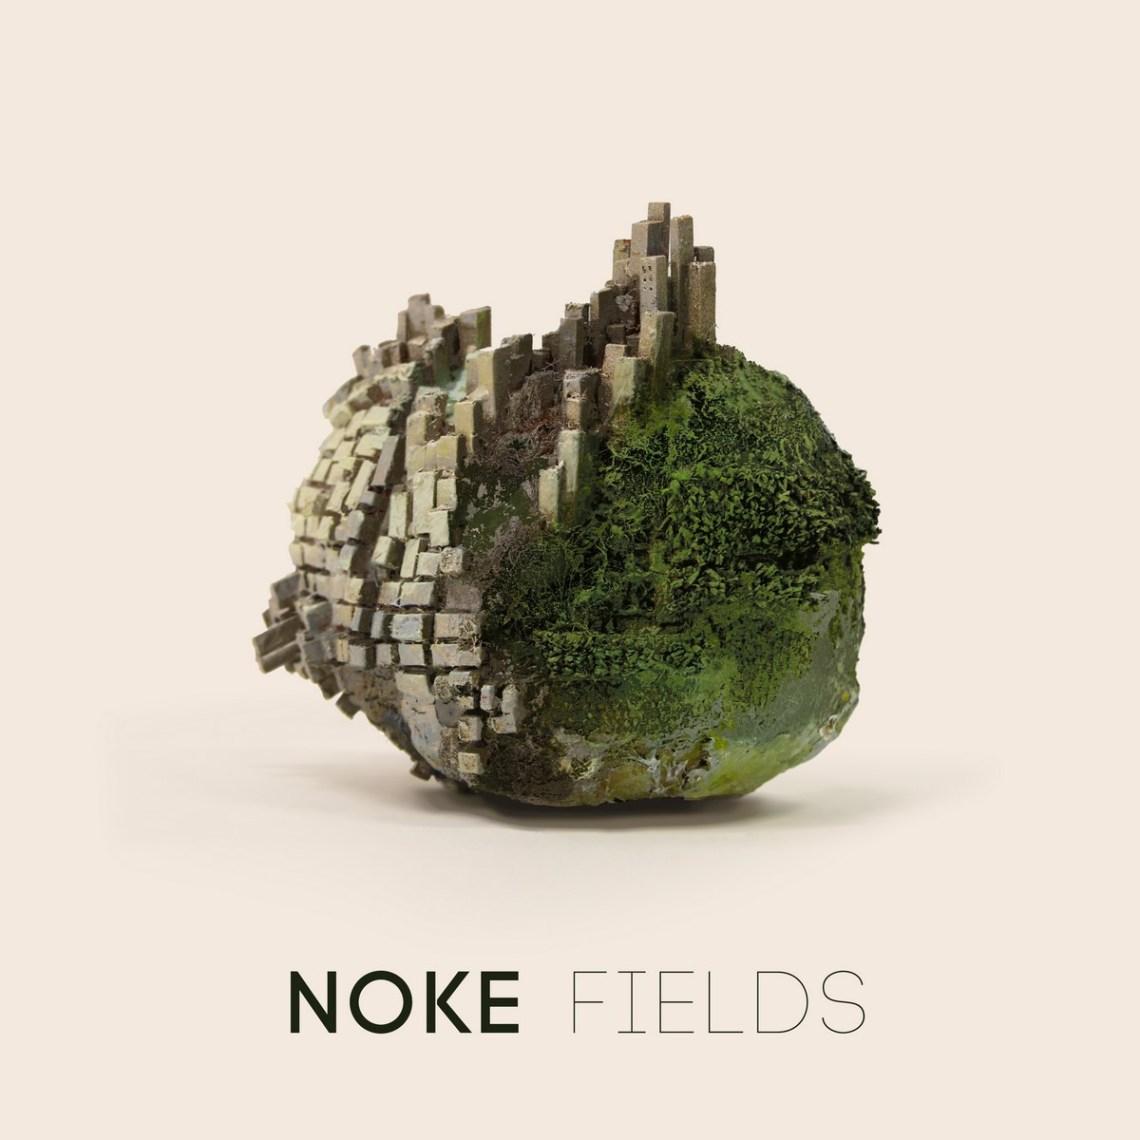 Noke - Fields